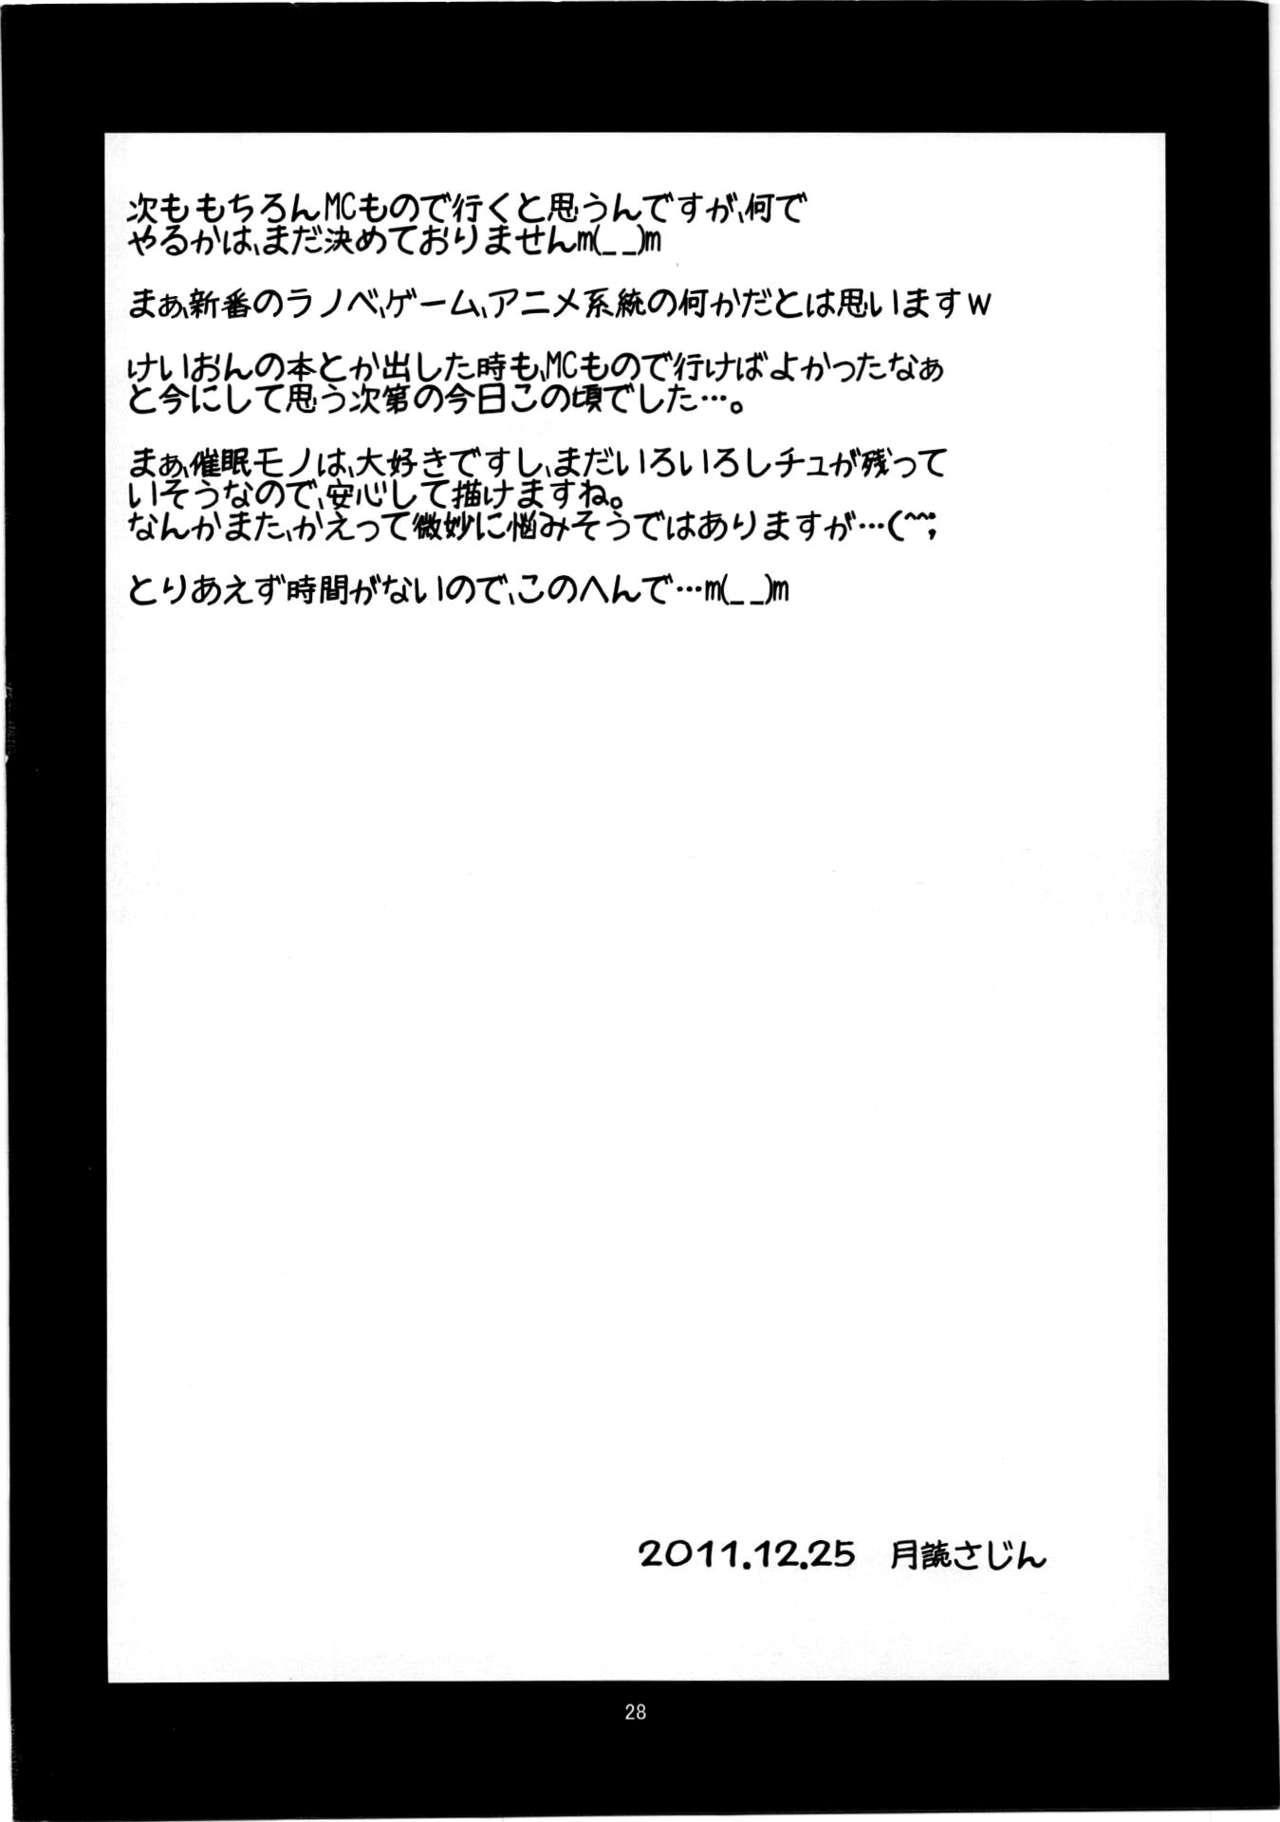 Boku no Tomodachi wa Saimin ni Kakari Yasui | My Friends Are Easy to Hypnotize 26